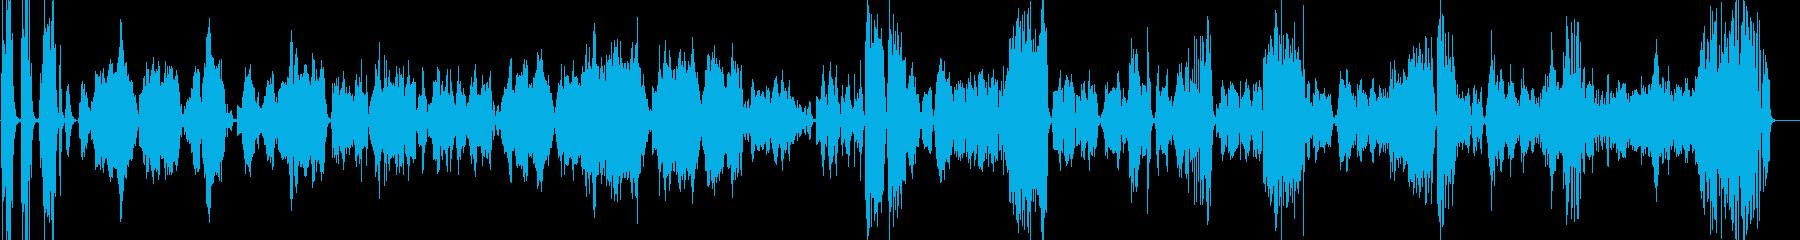 クラシック 感情的 静か 楽しげ ...の再生済みの波形